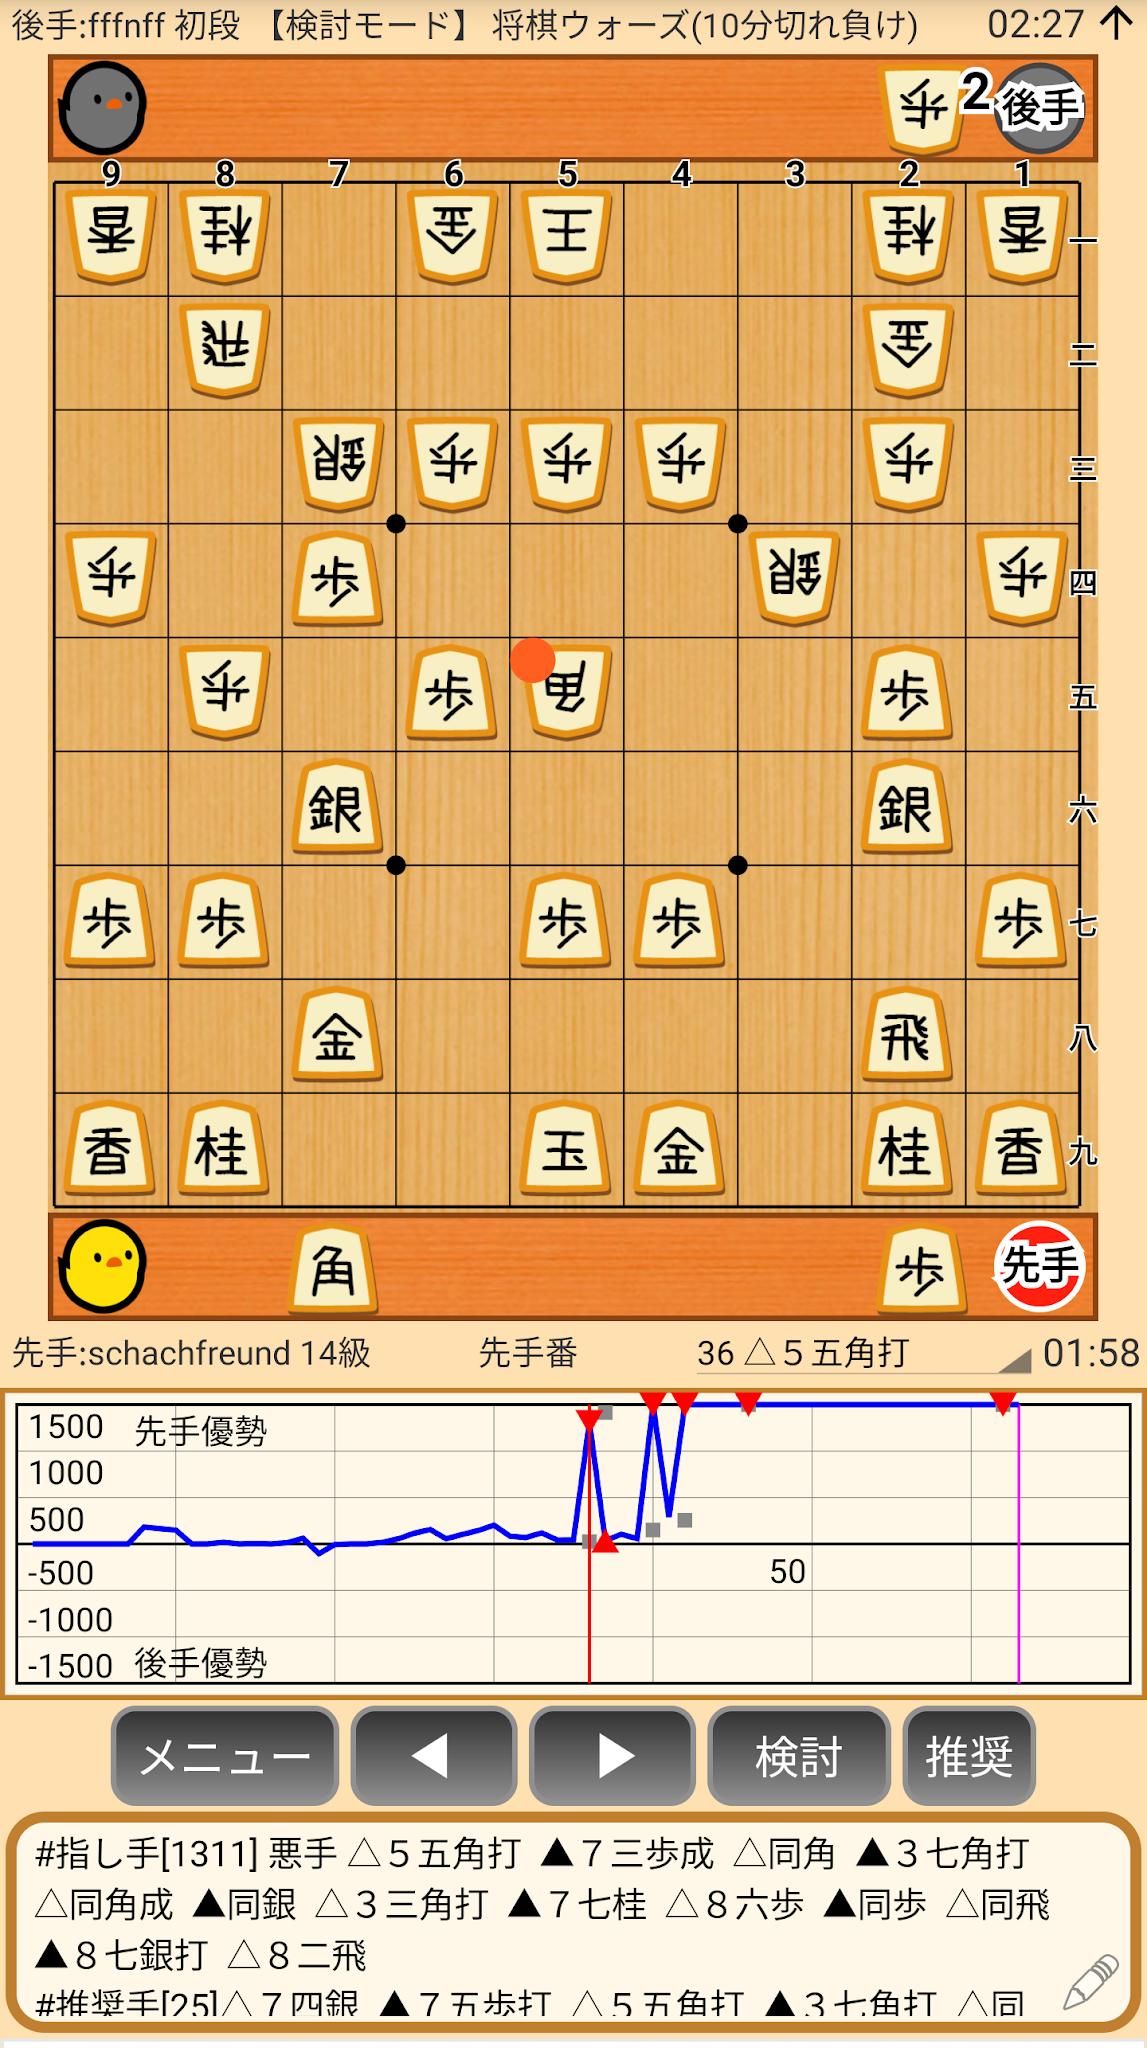 ウォーズ 棋譜 将棋